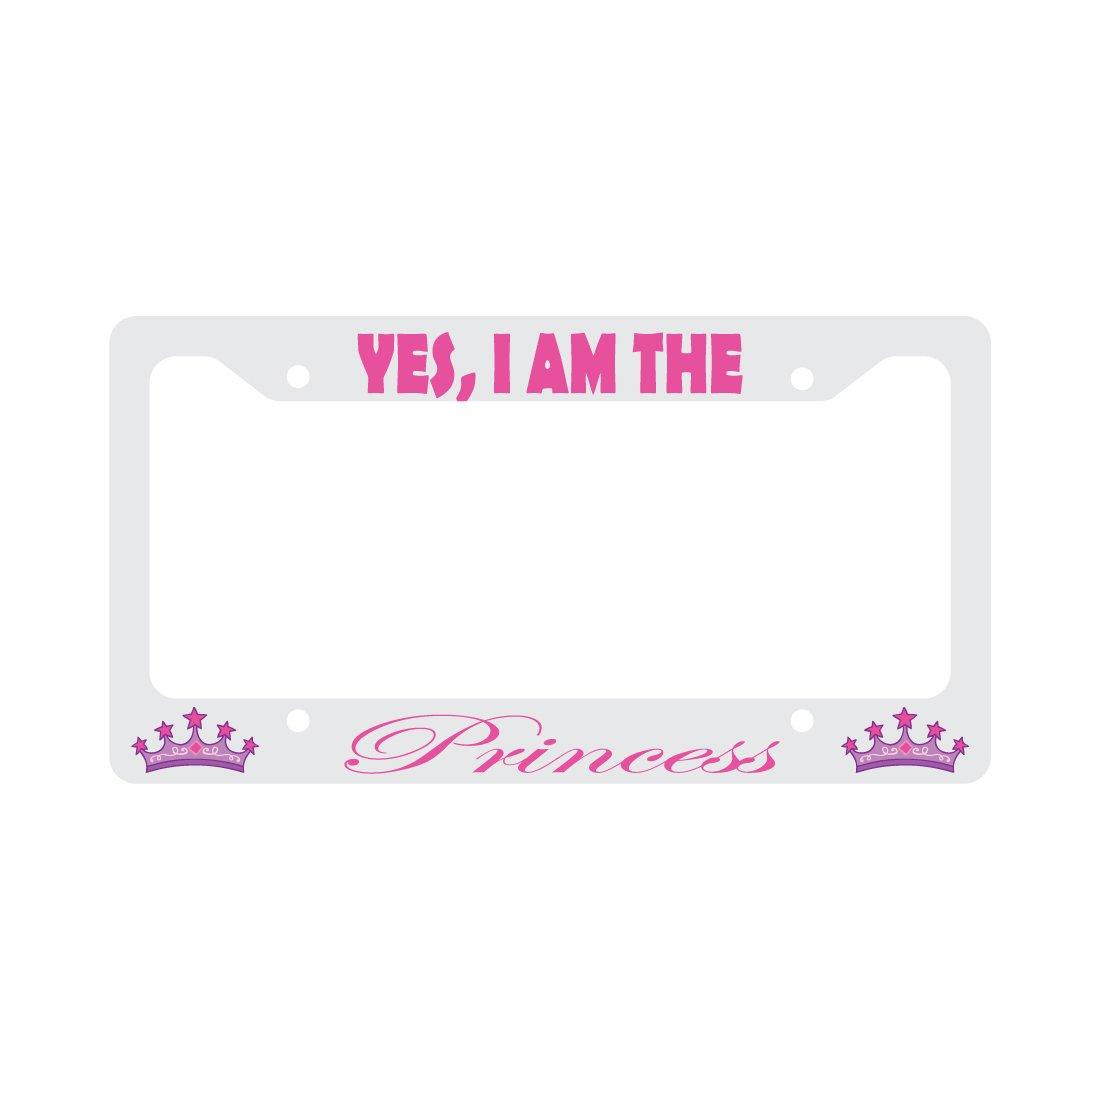 Ja, ich bin die Prinzessin, pink Krone Funny KFZ Nummernschild ...